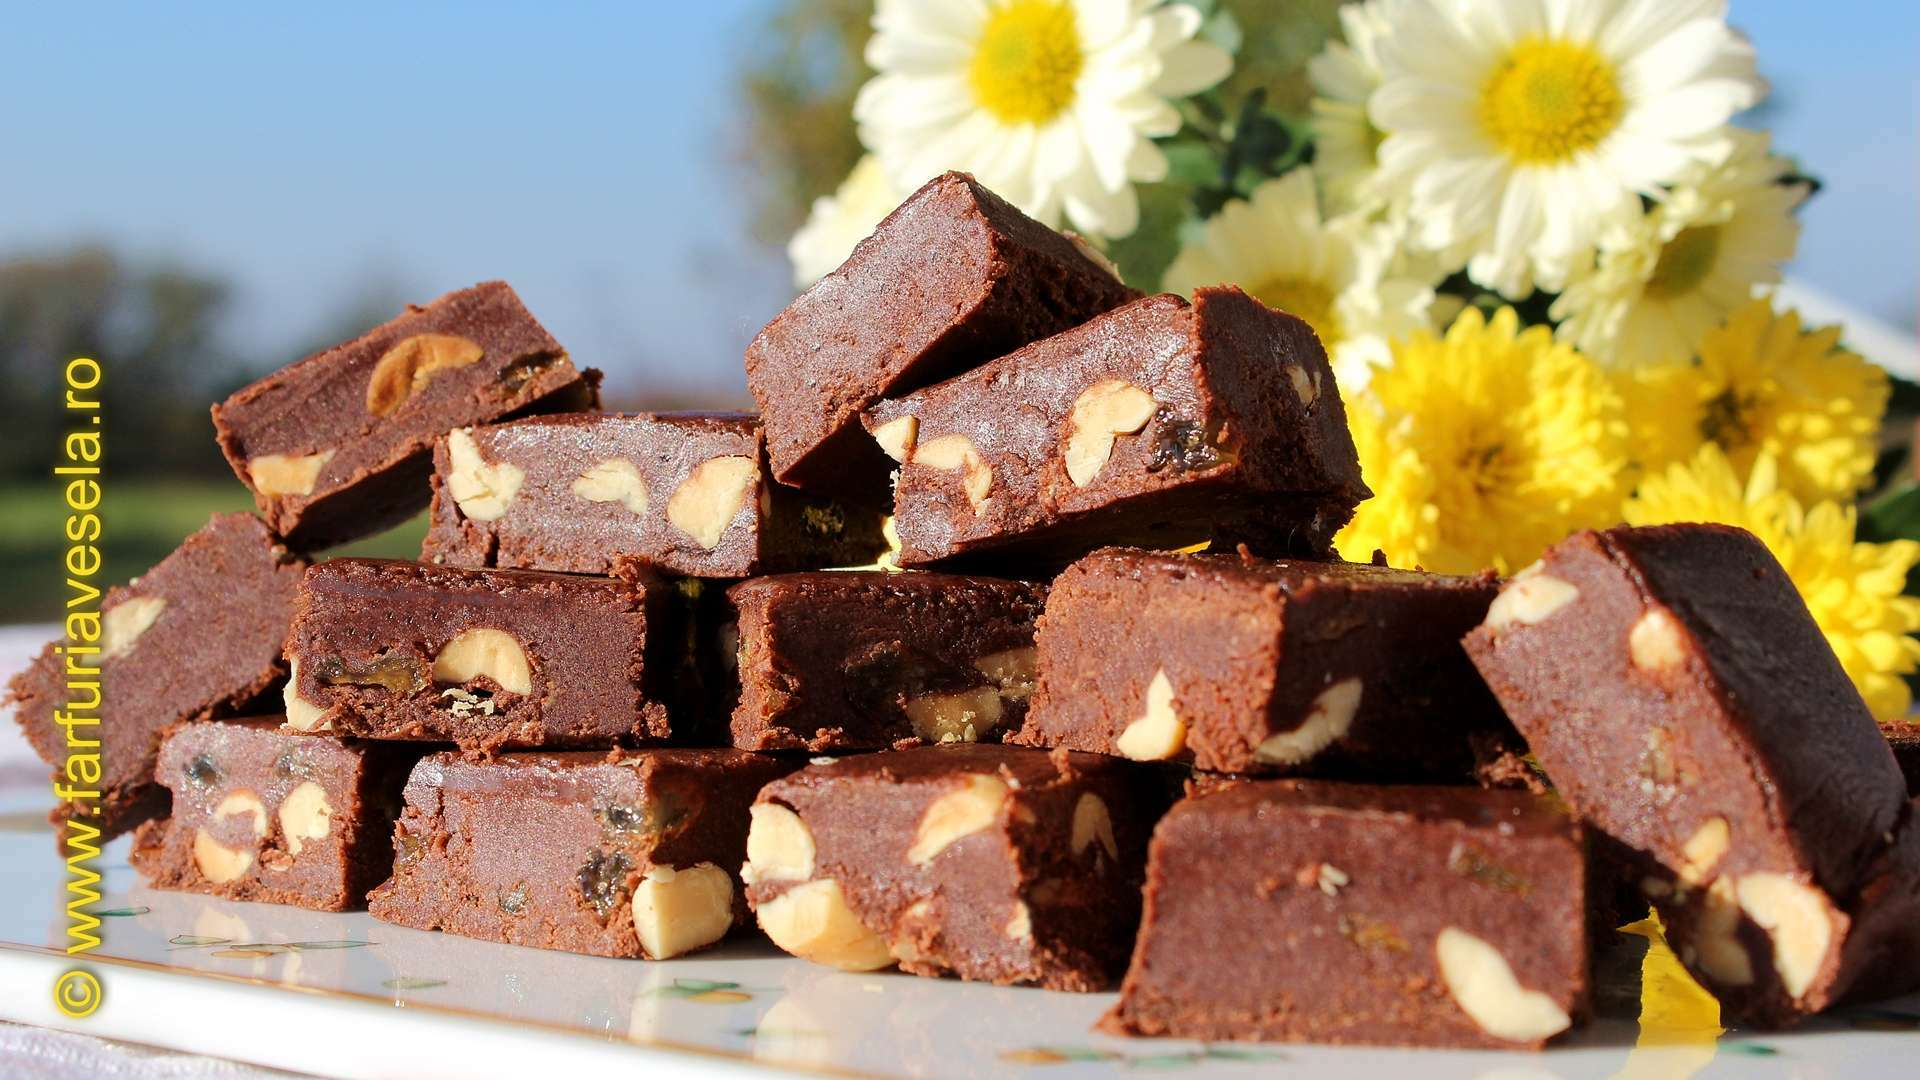 Ciocolat de cas reteta video re et petitchef for Ciocolata de casa reteta clasica